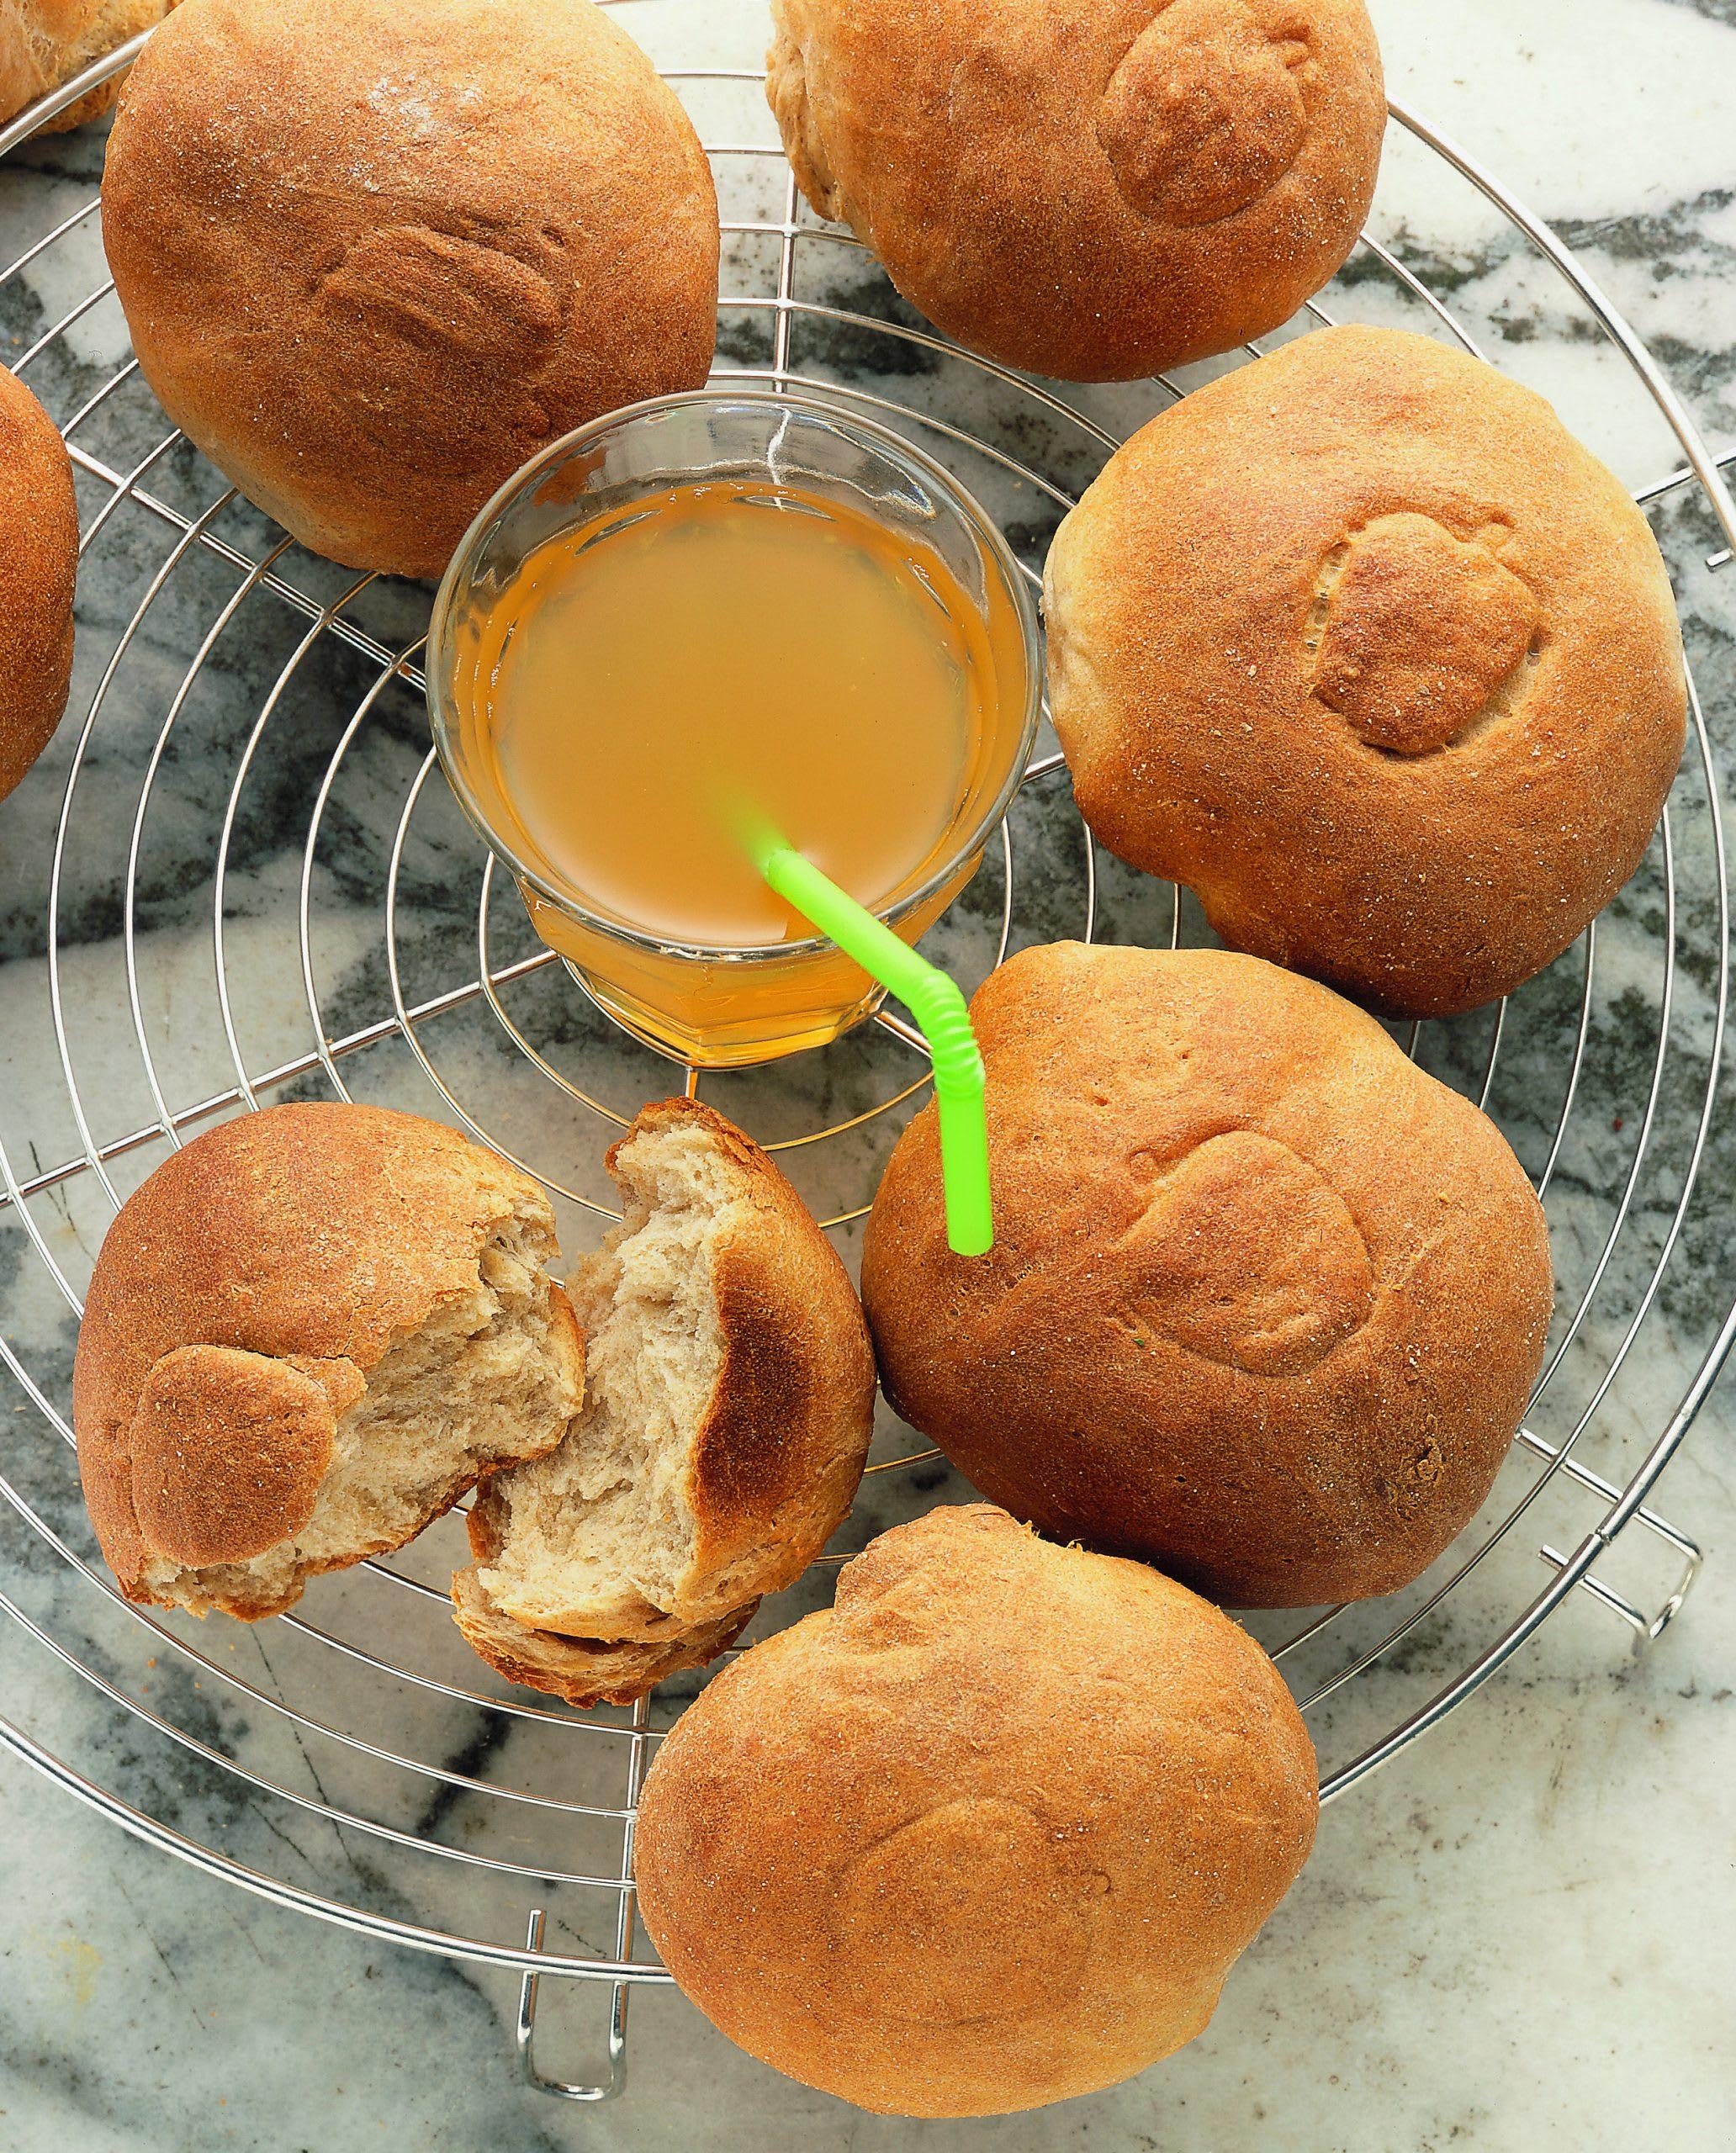 Apfelmost-Brötchen